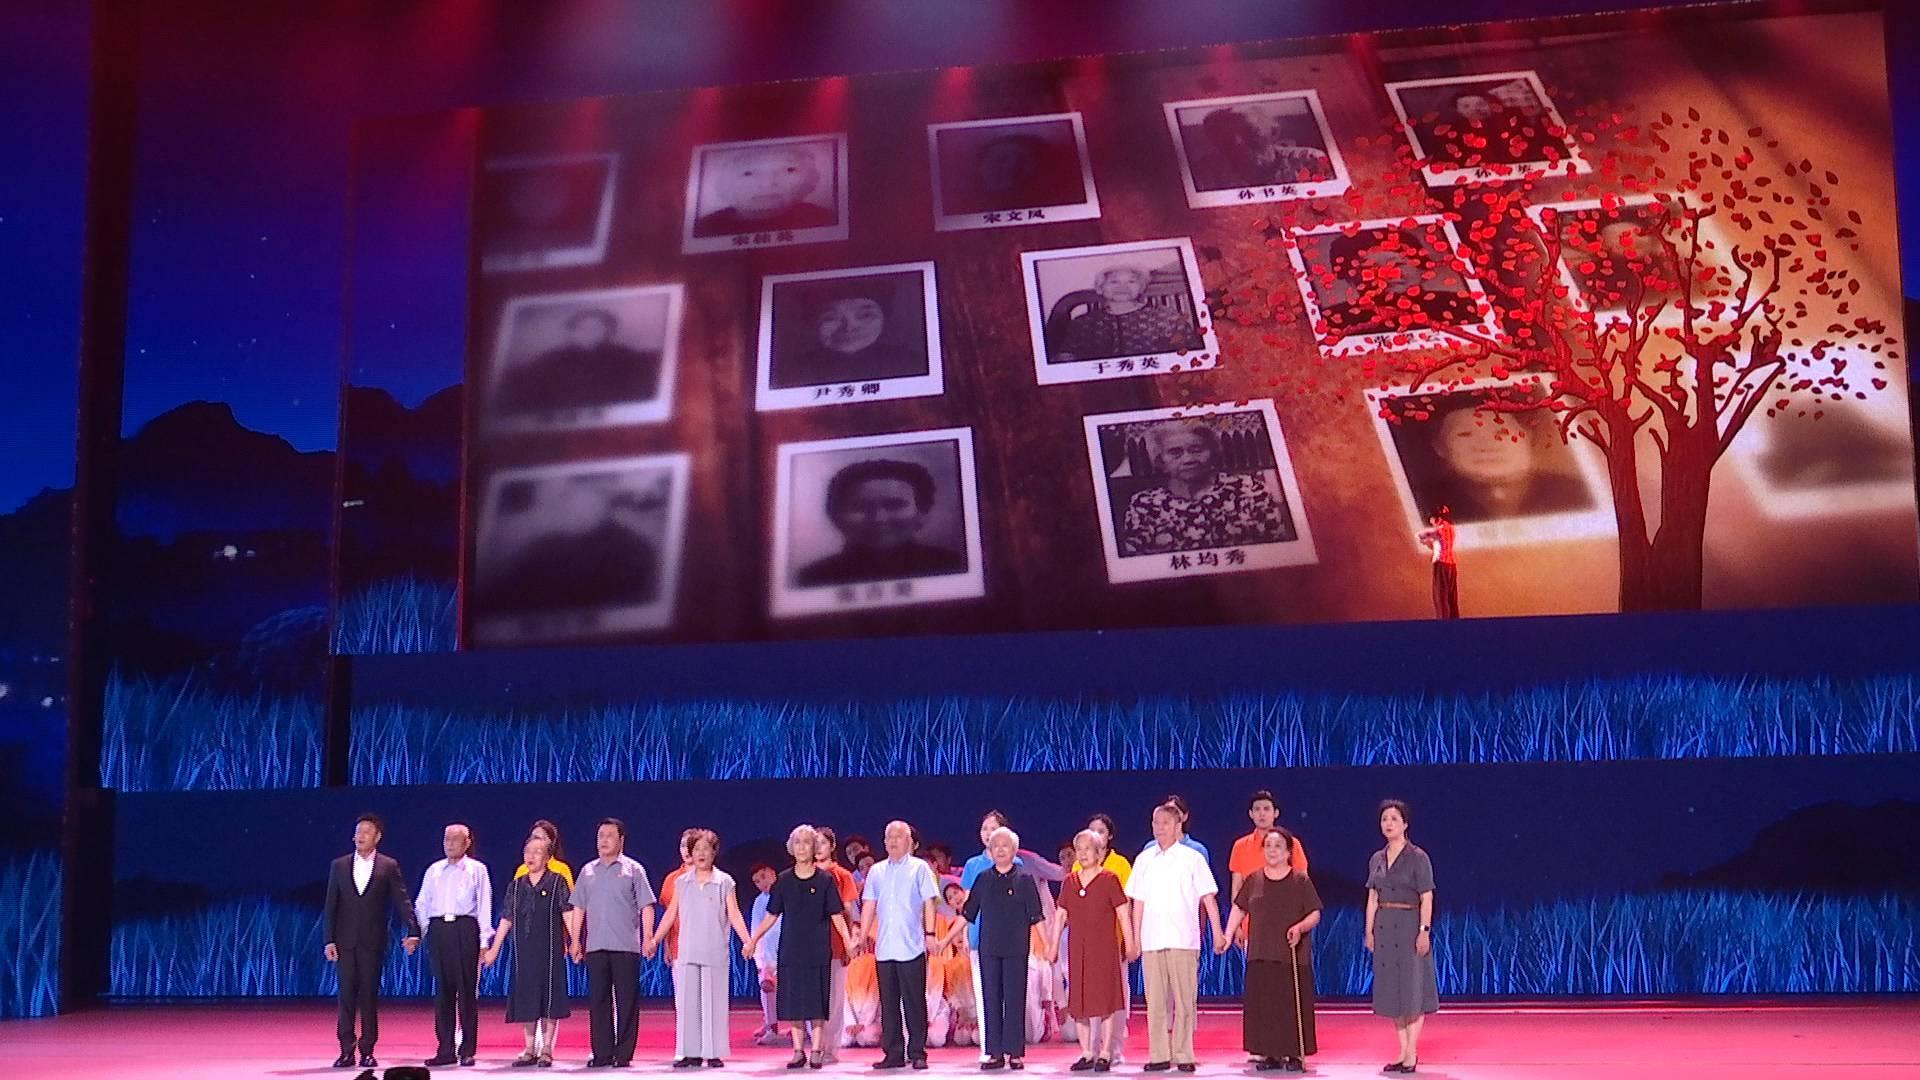 催泪短剧《红色乳娘》真情上演!山东省庆祝中国共产党成立100周年文艺演出今晚呈现